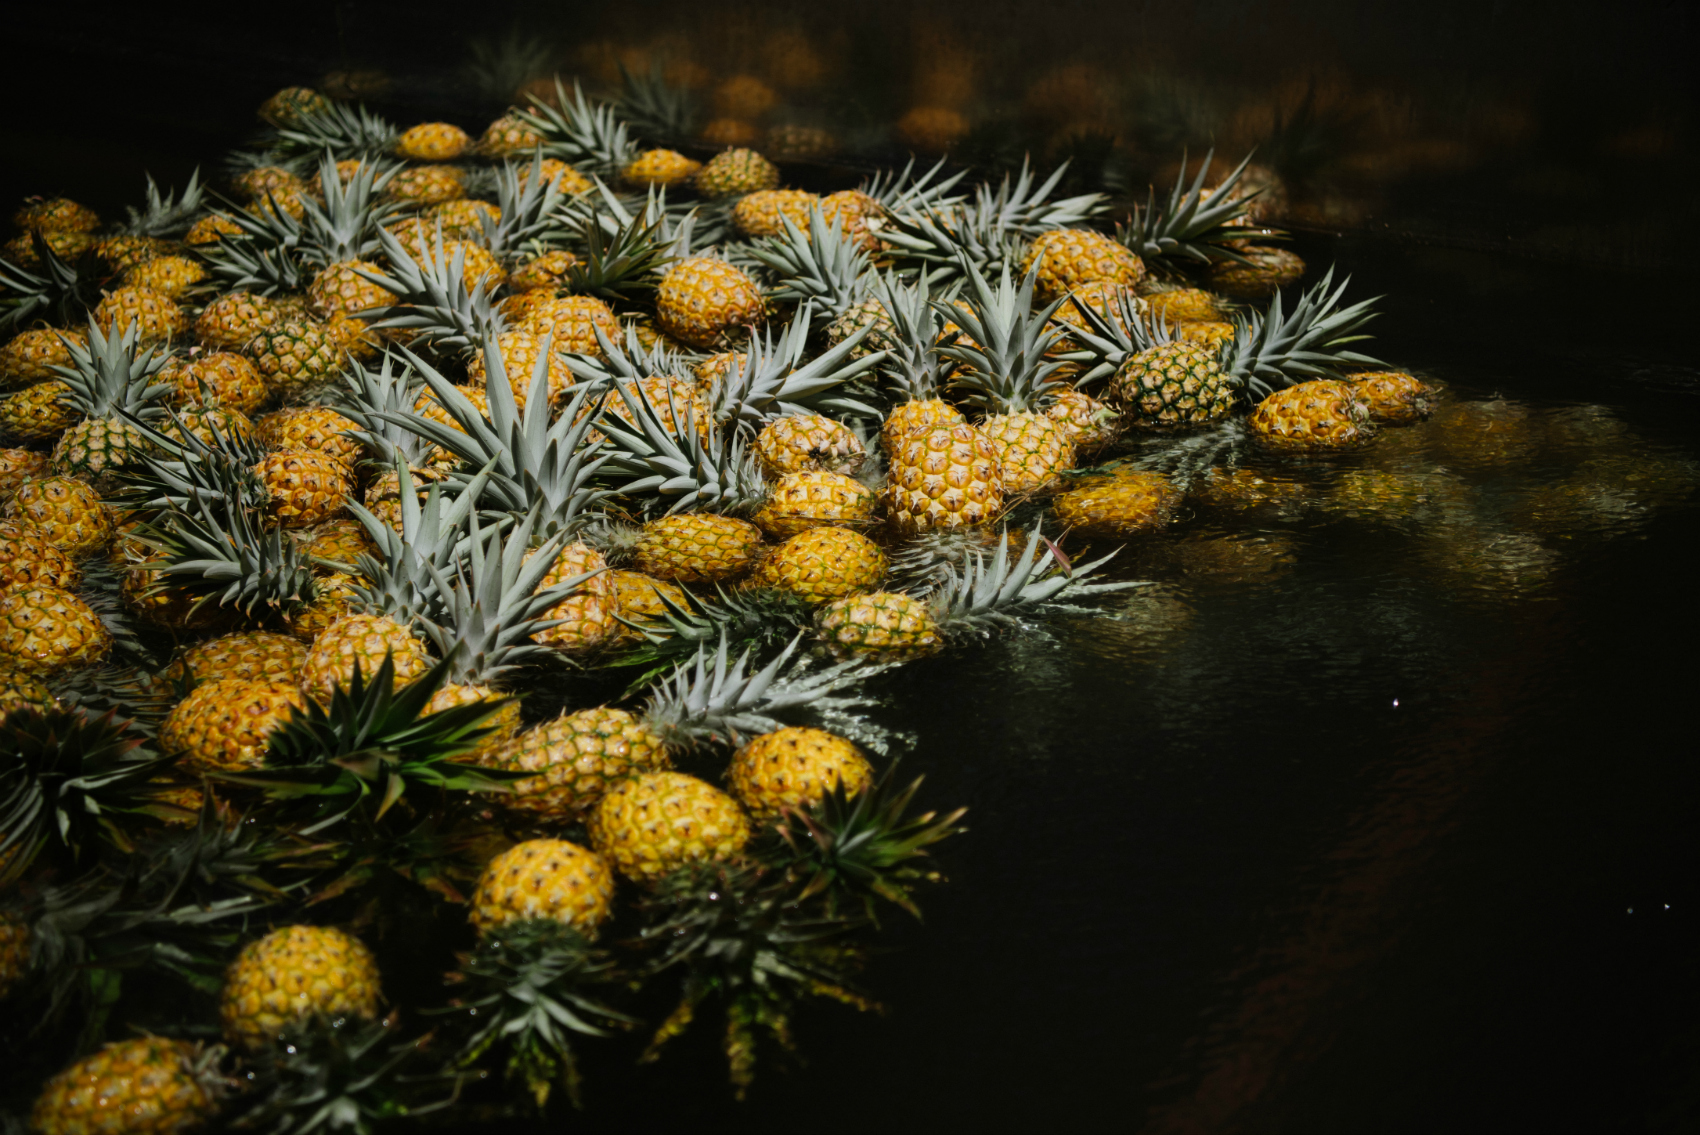 Pineapple_sorting